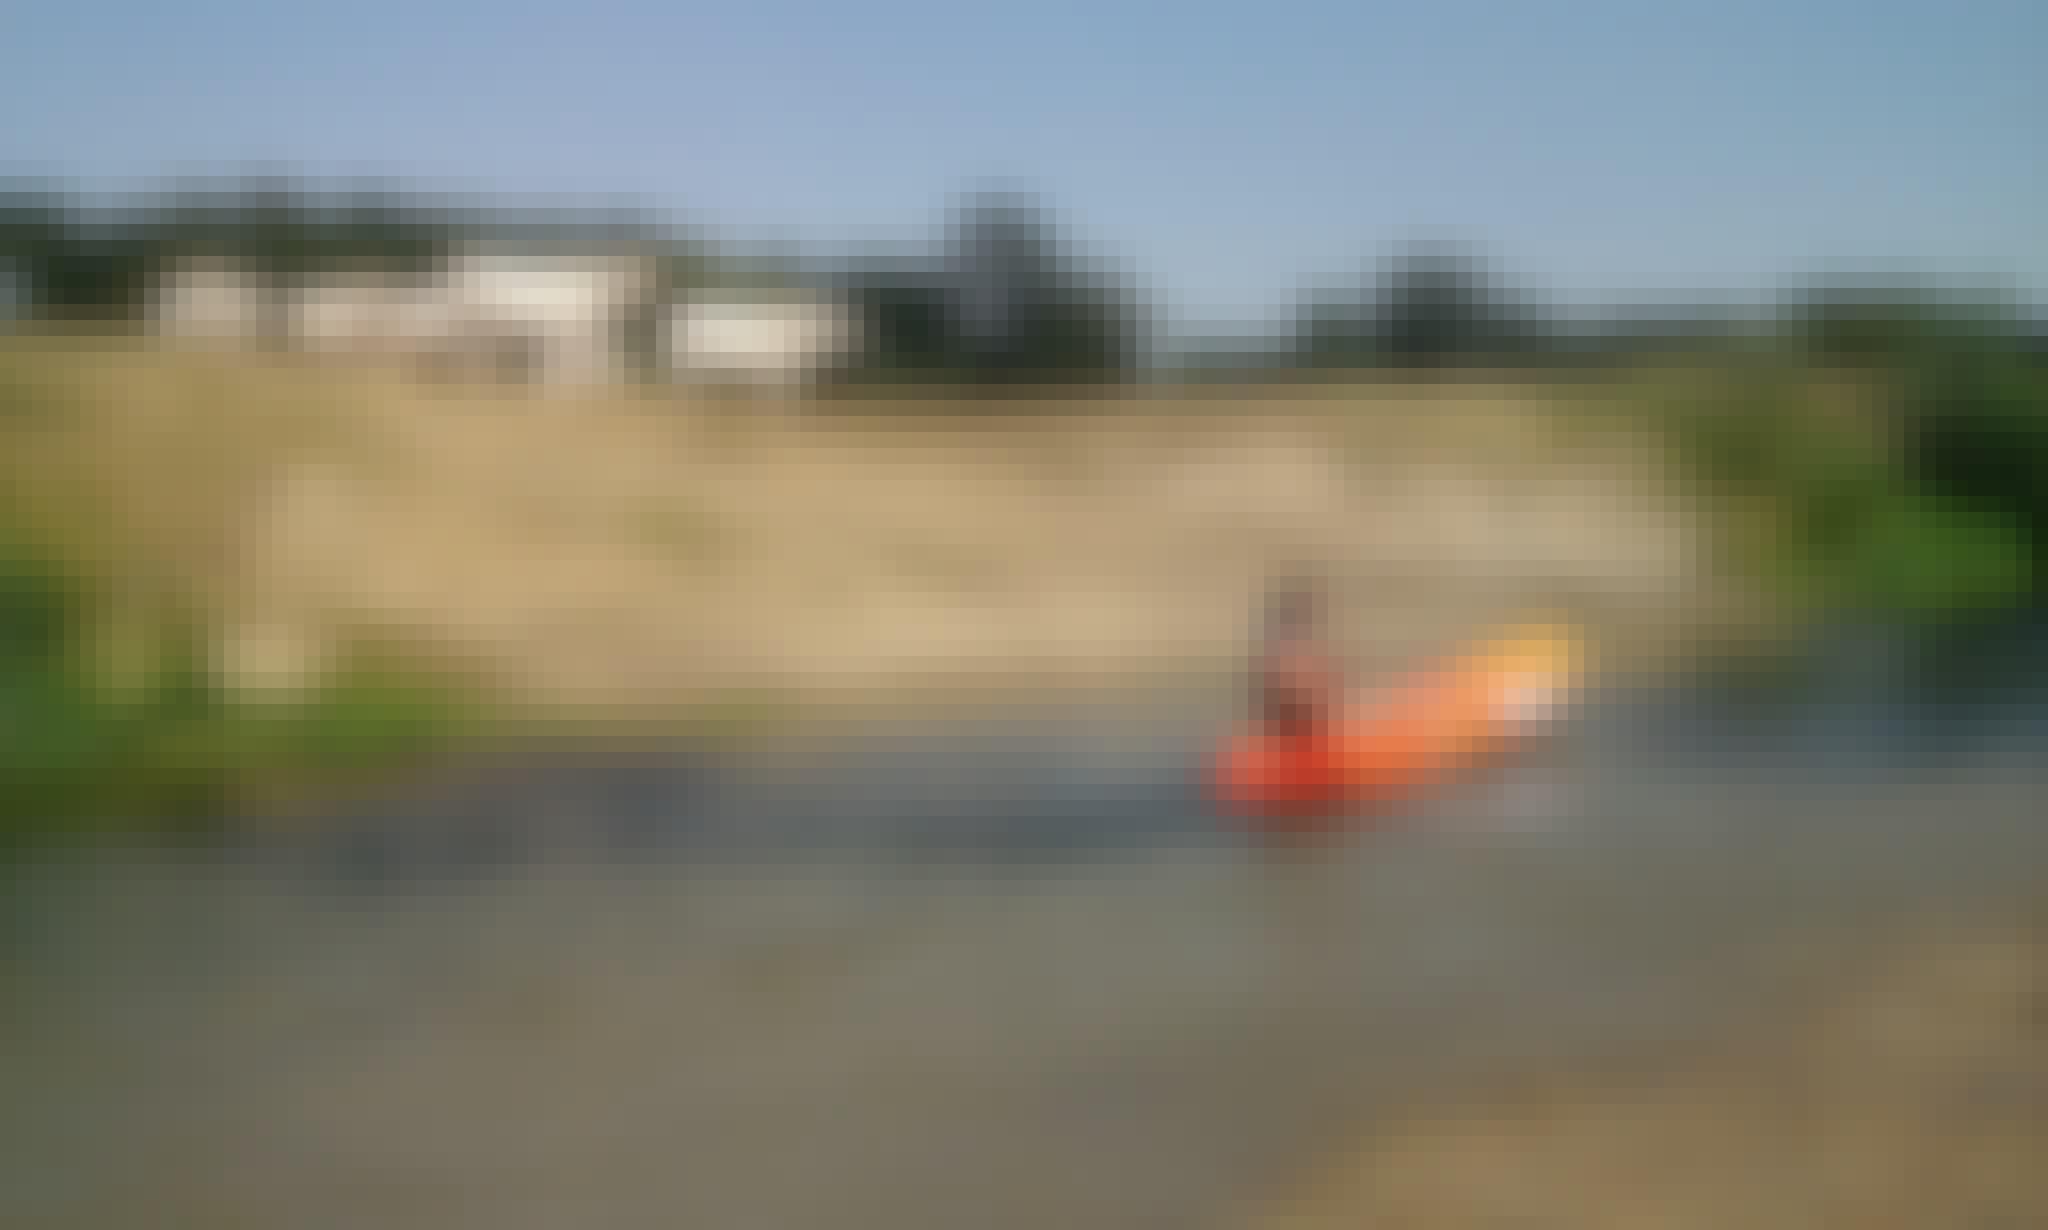 Canoe Rental in Troyes